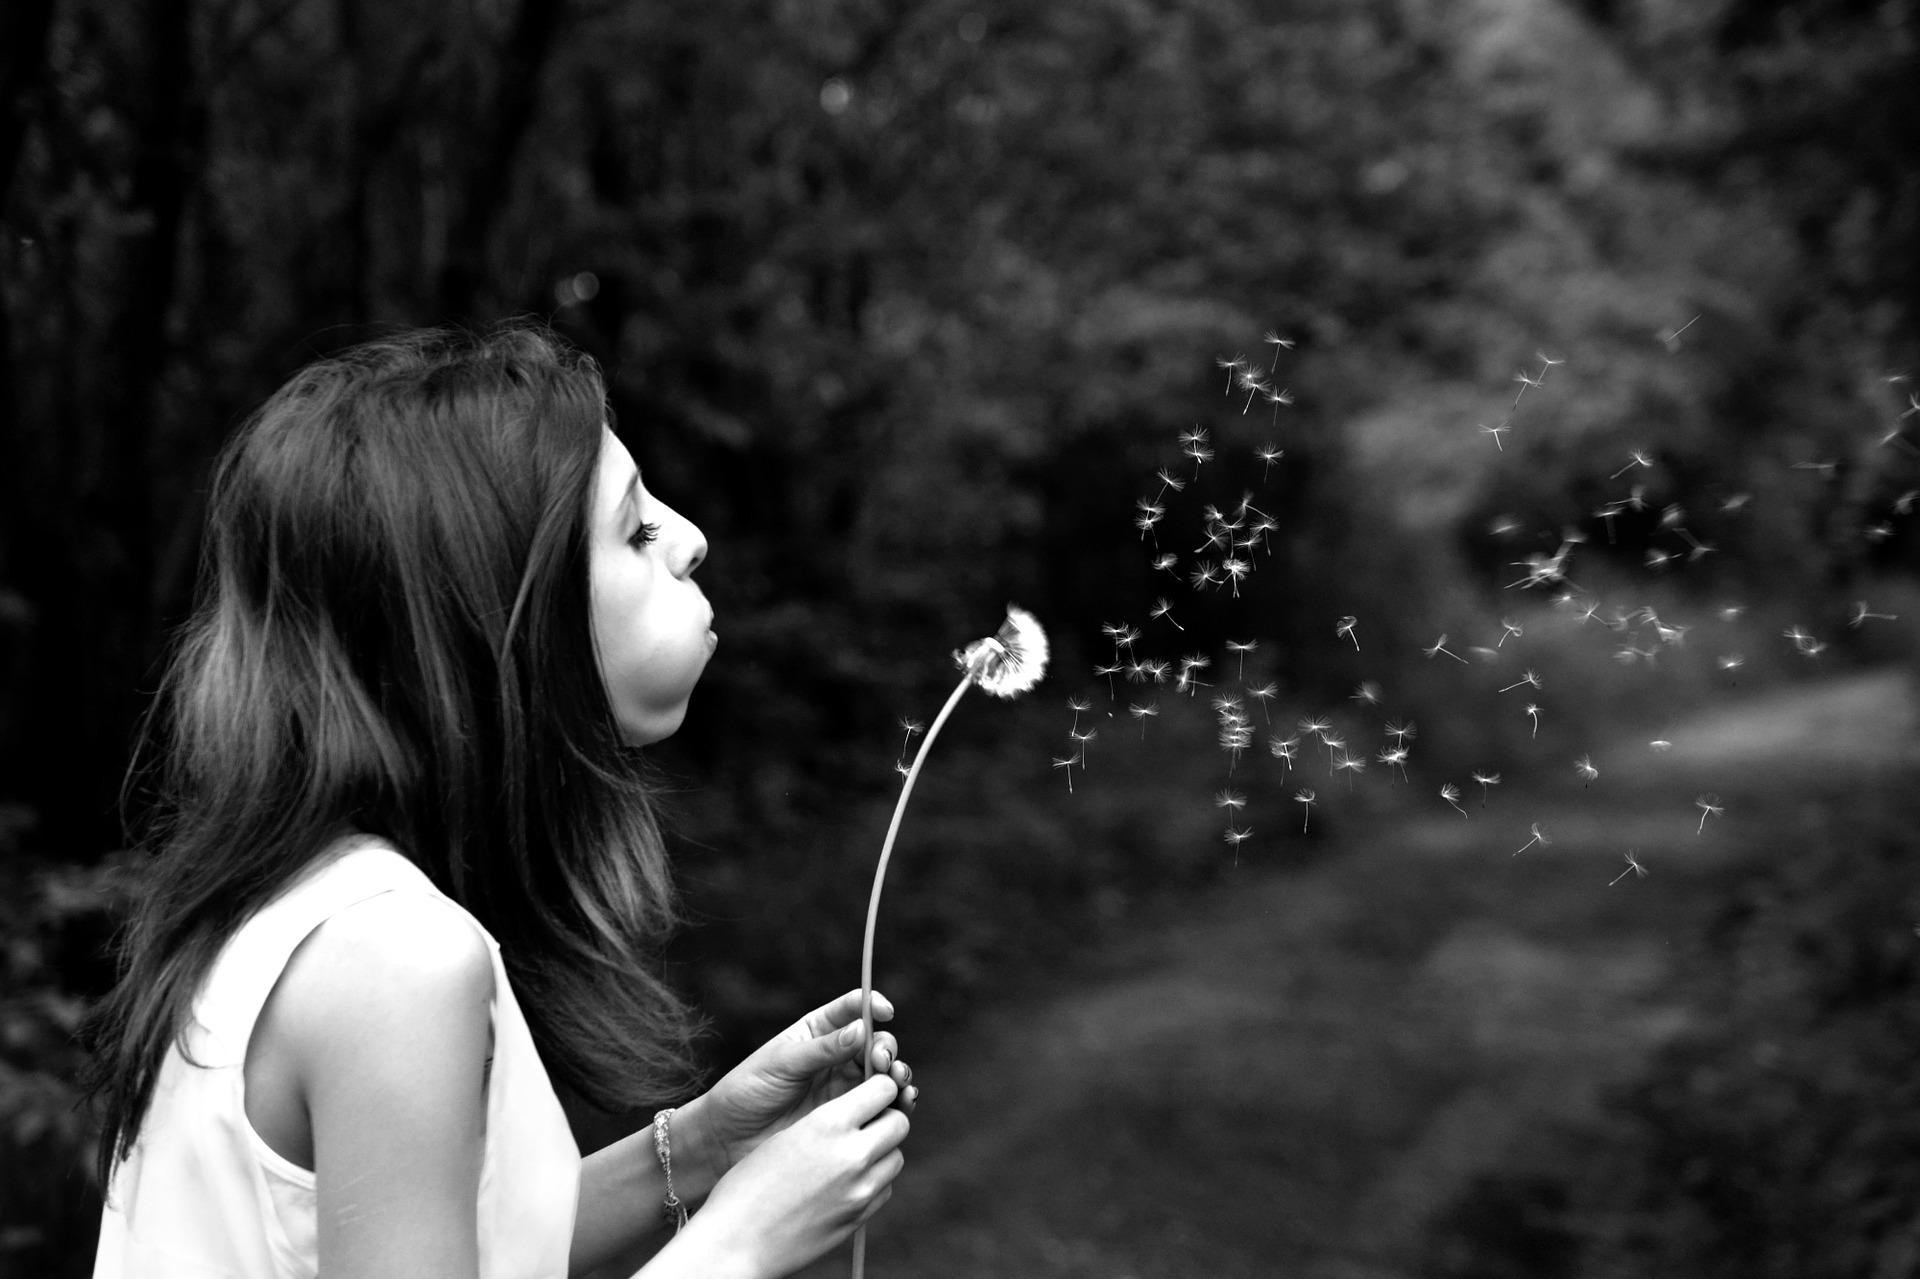 il desiderio secondo noi